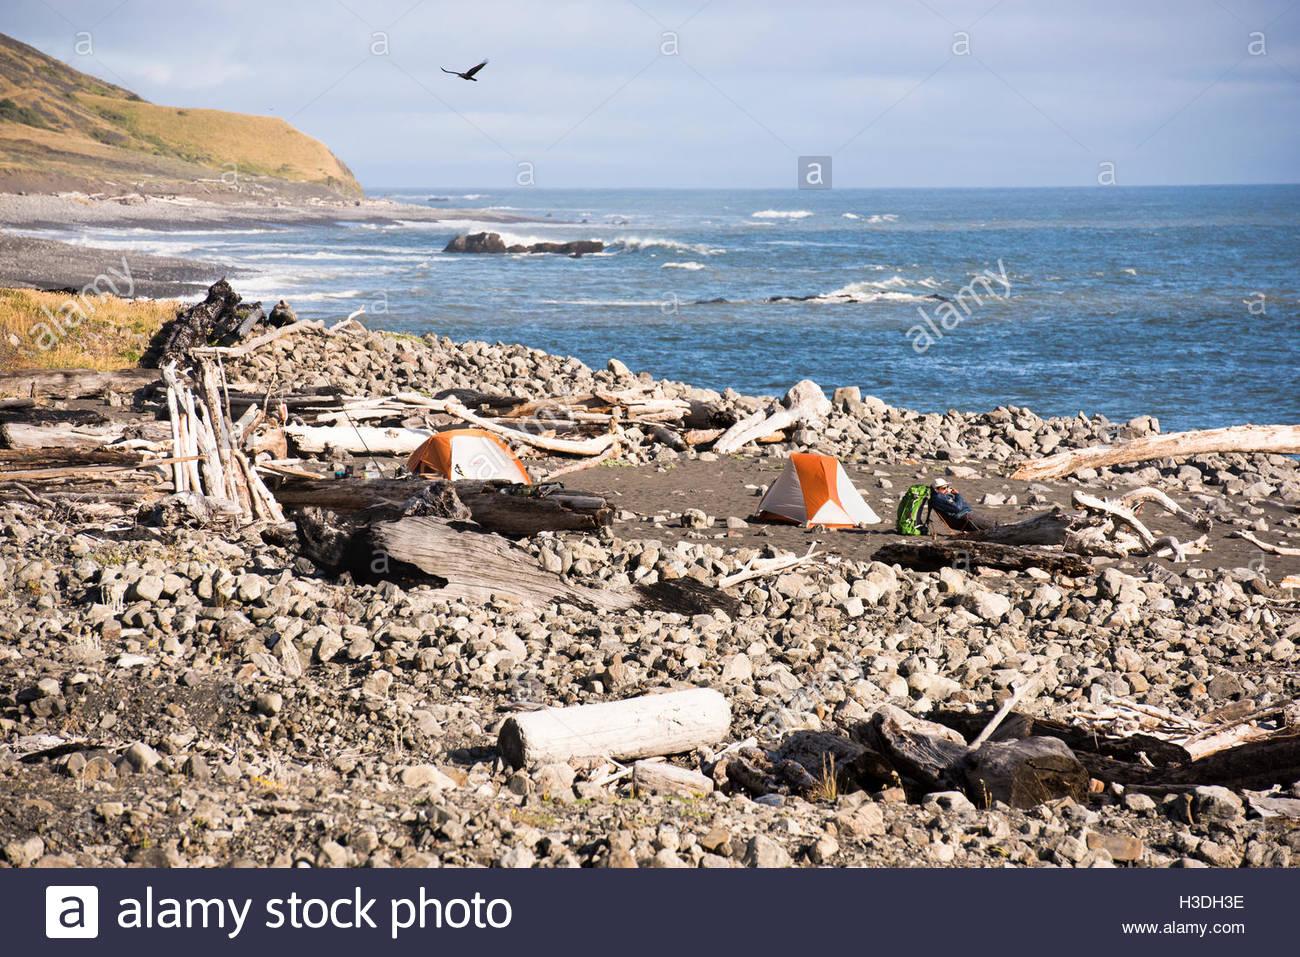 Un camping es visto en el océano. Foto de stock